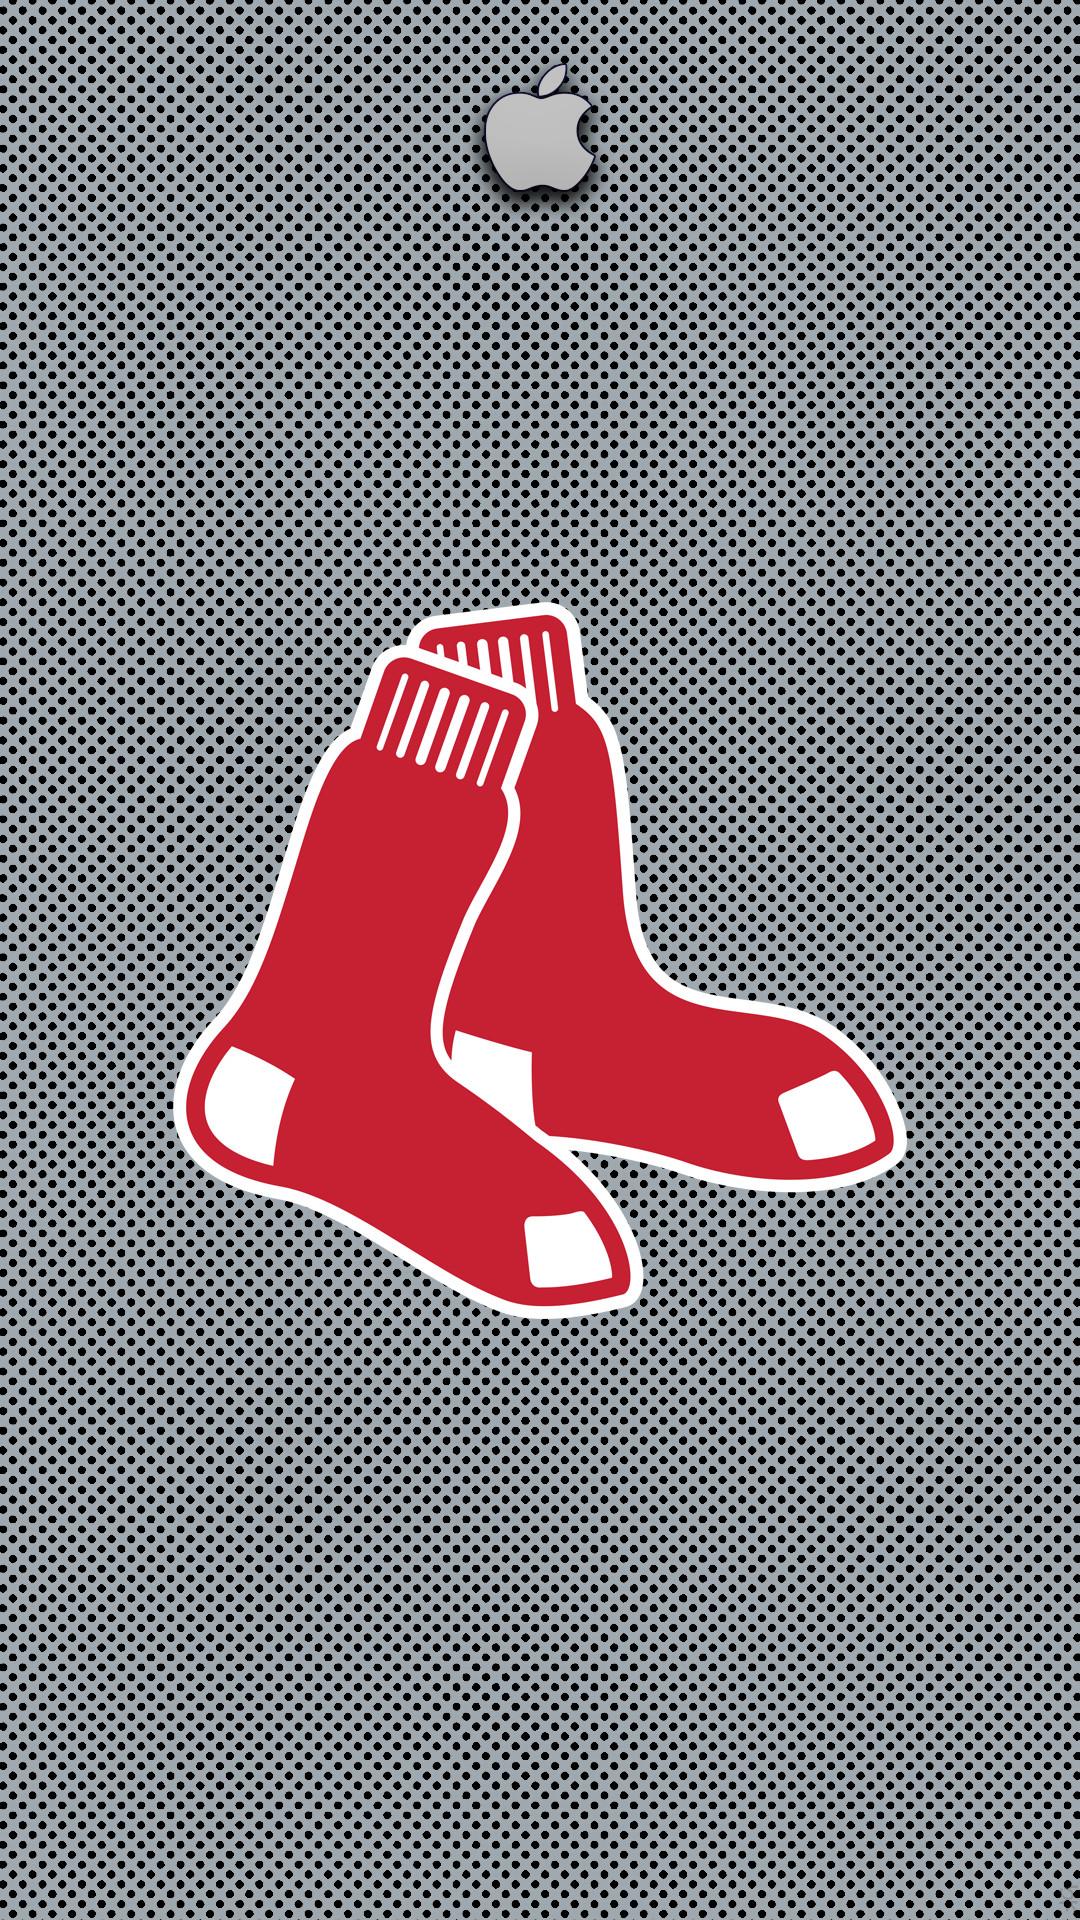 Red-Sox-Iphone-Wallpaper-22.png 1,080×1,920 pixels